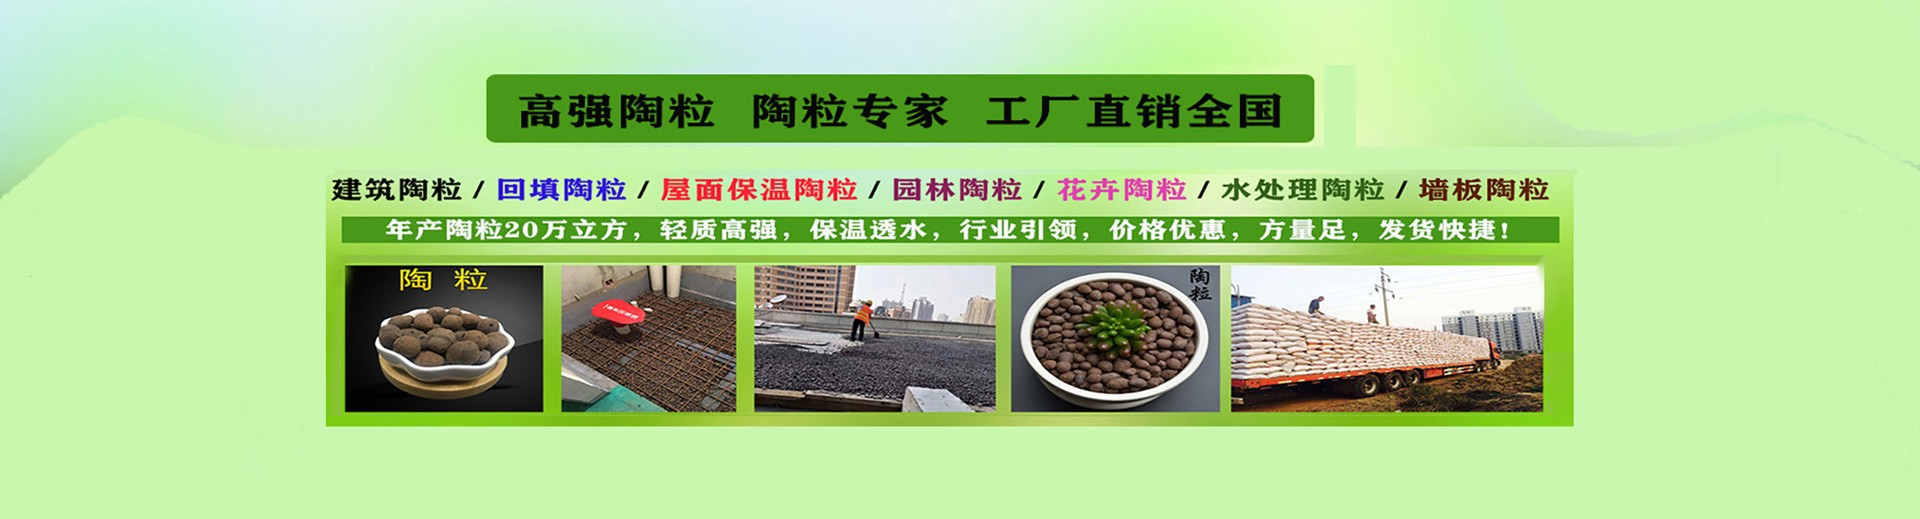 轻质陶粒墙板,回填陶粒,江西抚州回填陶粒厂家